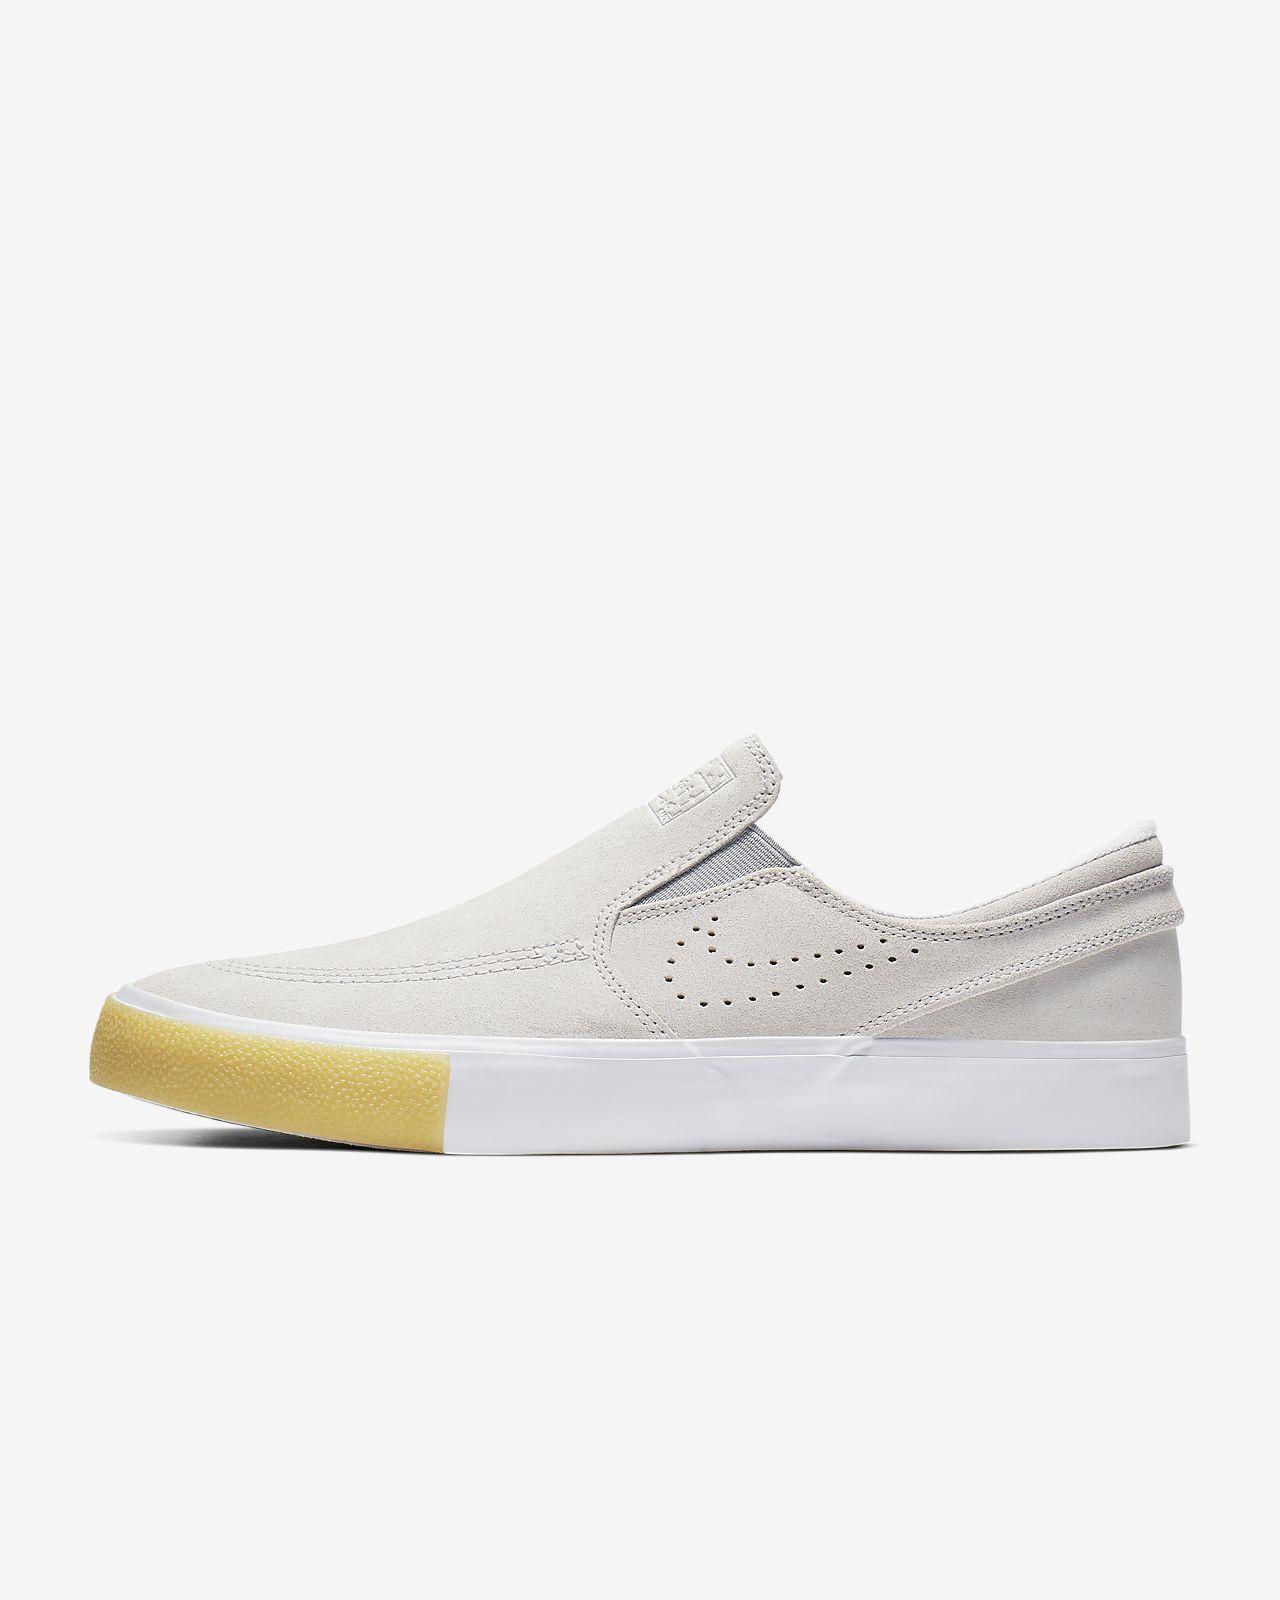 รองเท้าสเก็ตบอร์ด Nike SB Zoom Stefan Janoski Slip RM SE